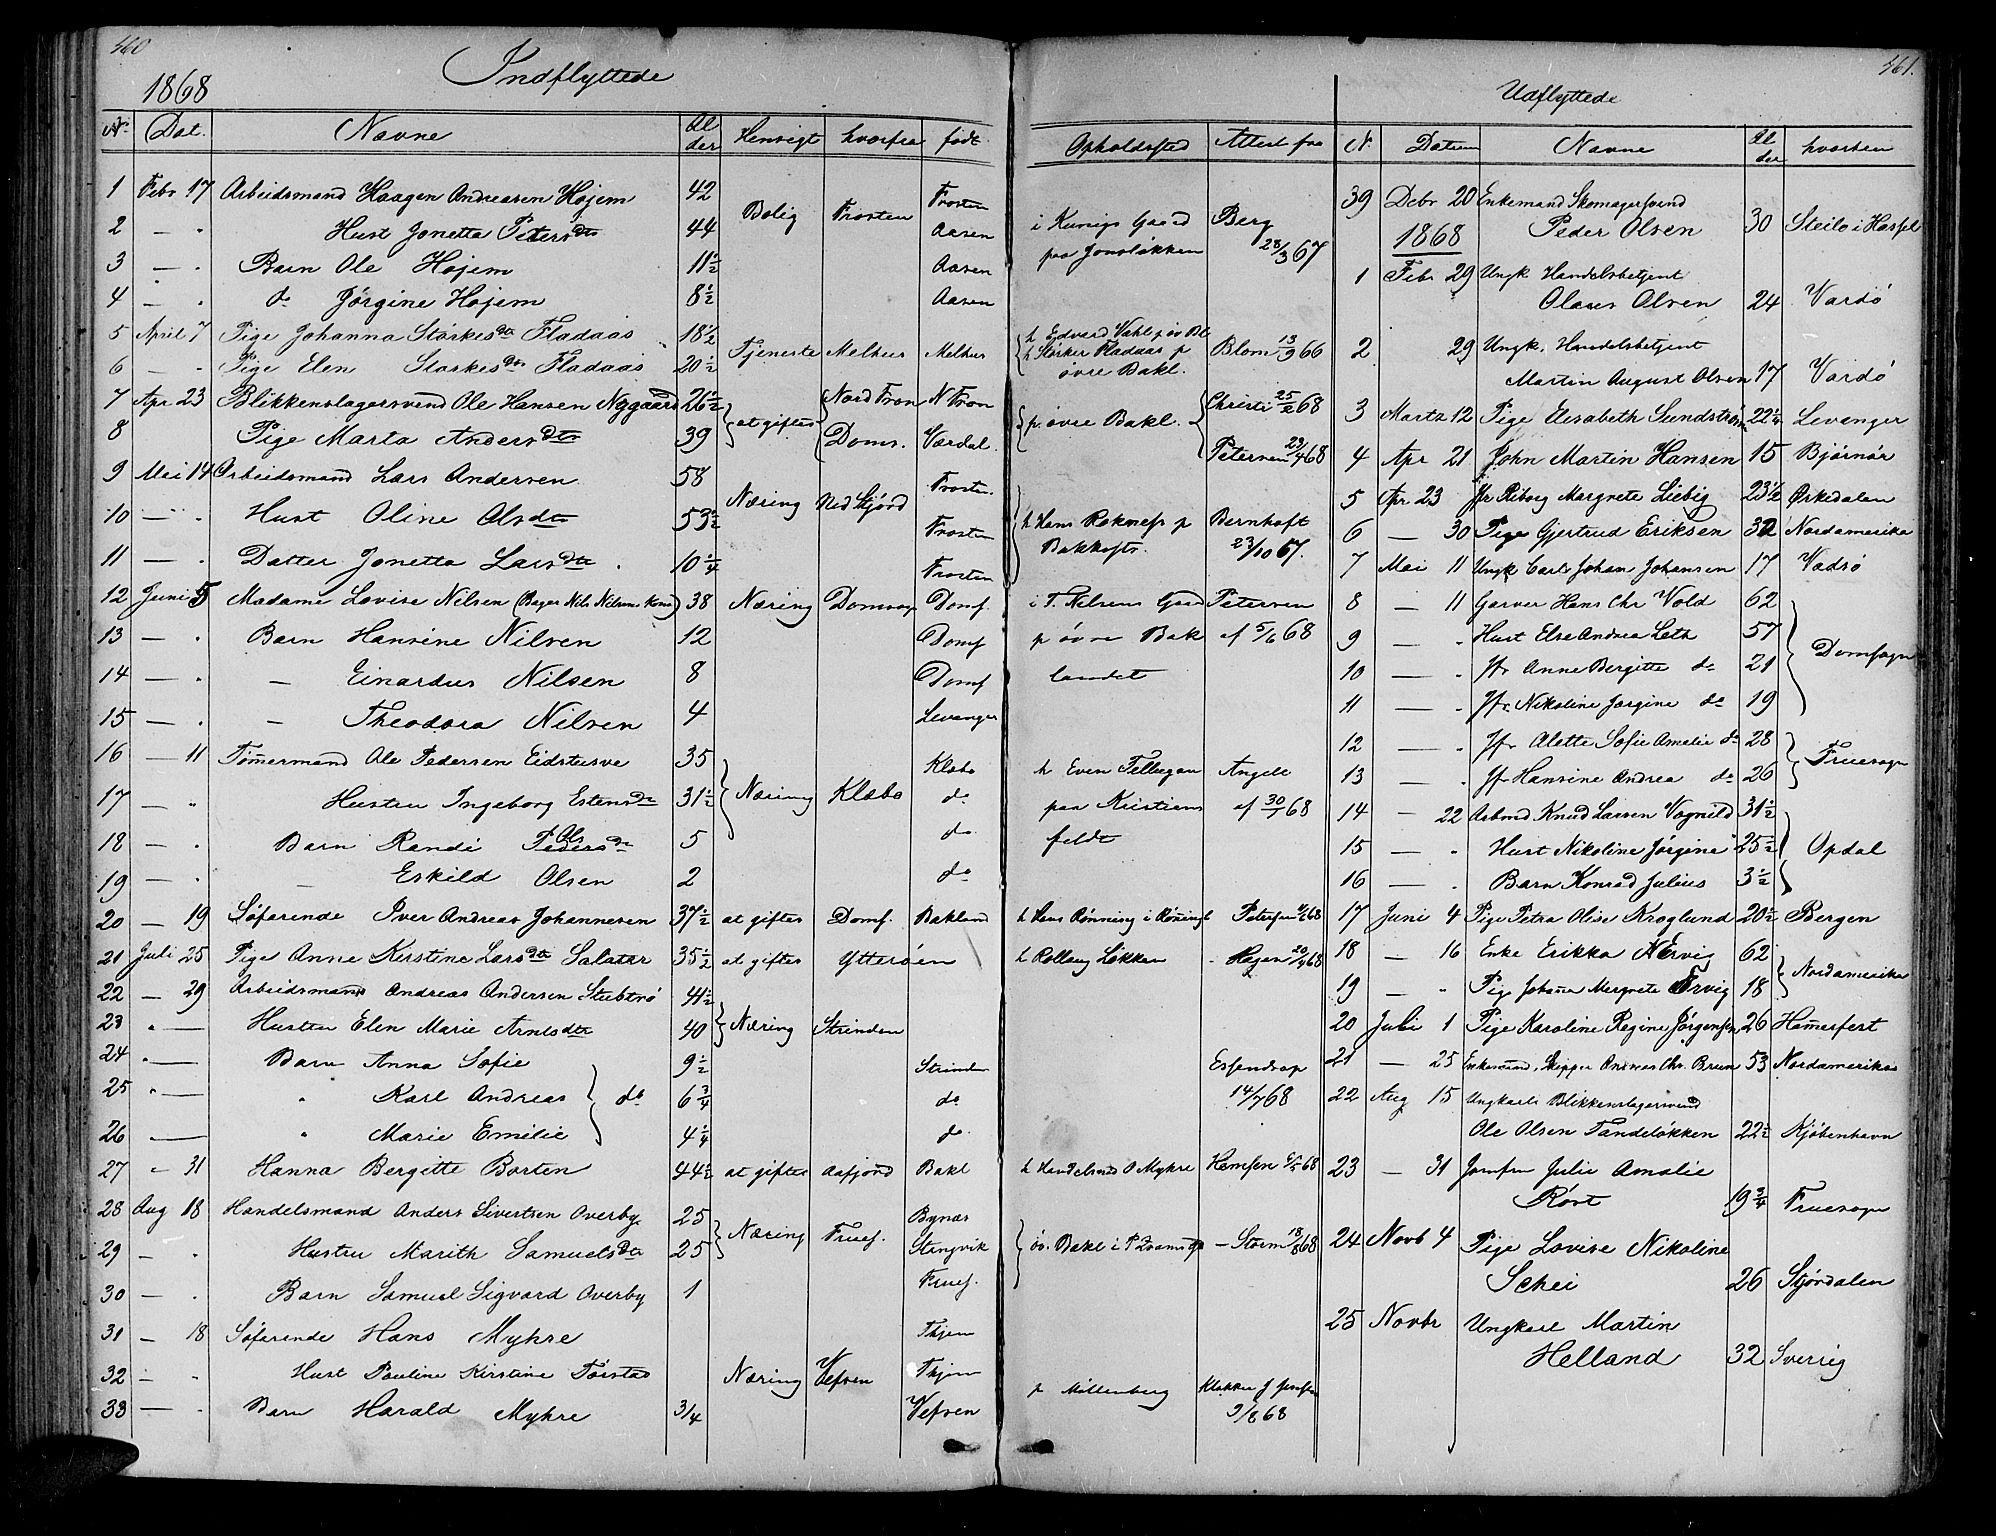 SAT, Ministerialprotokoller, klokkerbøker og fødselsregistre - Sør-Trøndelag, 604/L0219: Klokkerbok nr. 604C02, 1851-1869, s. 460-461